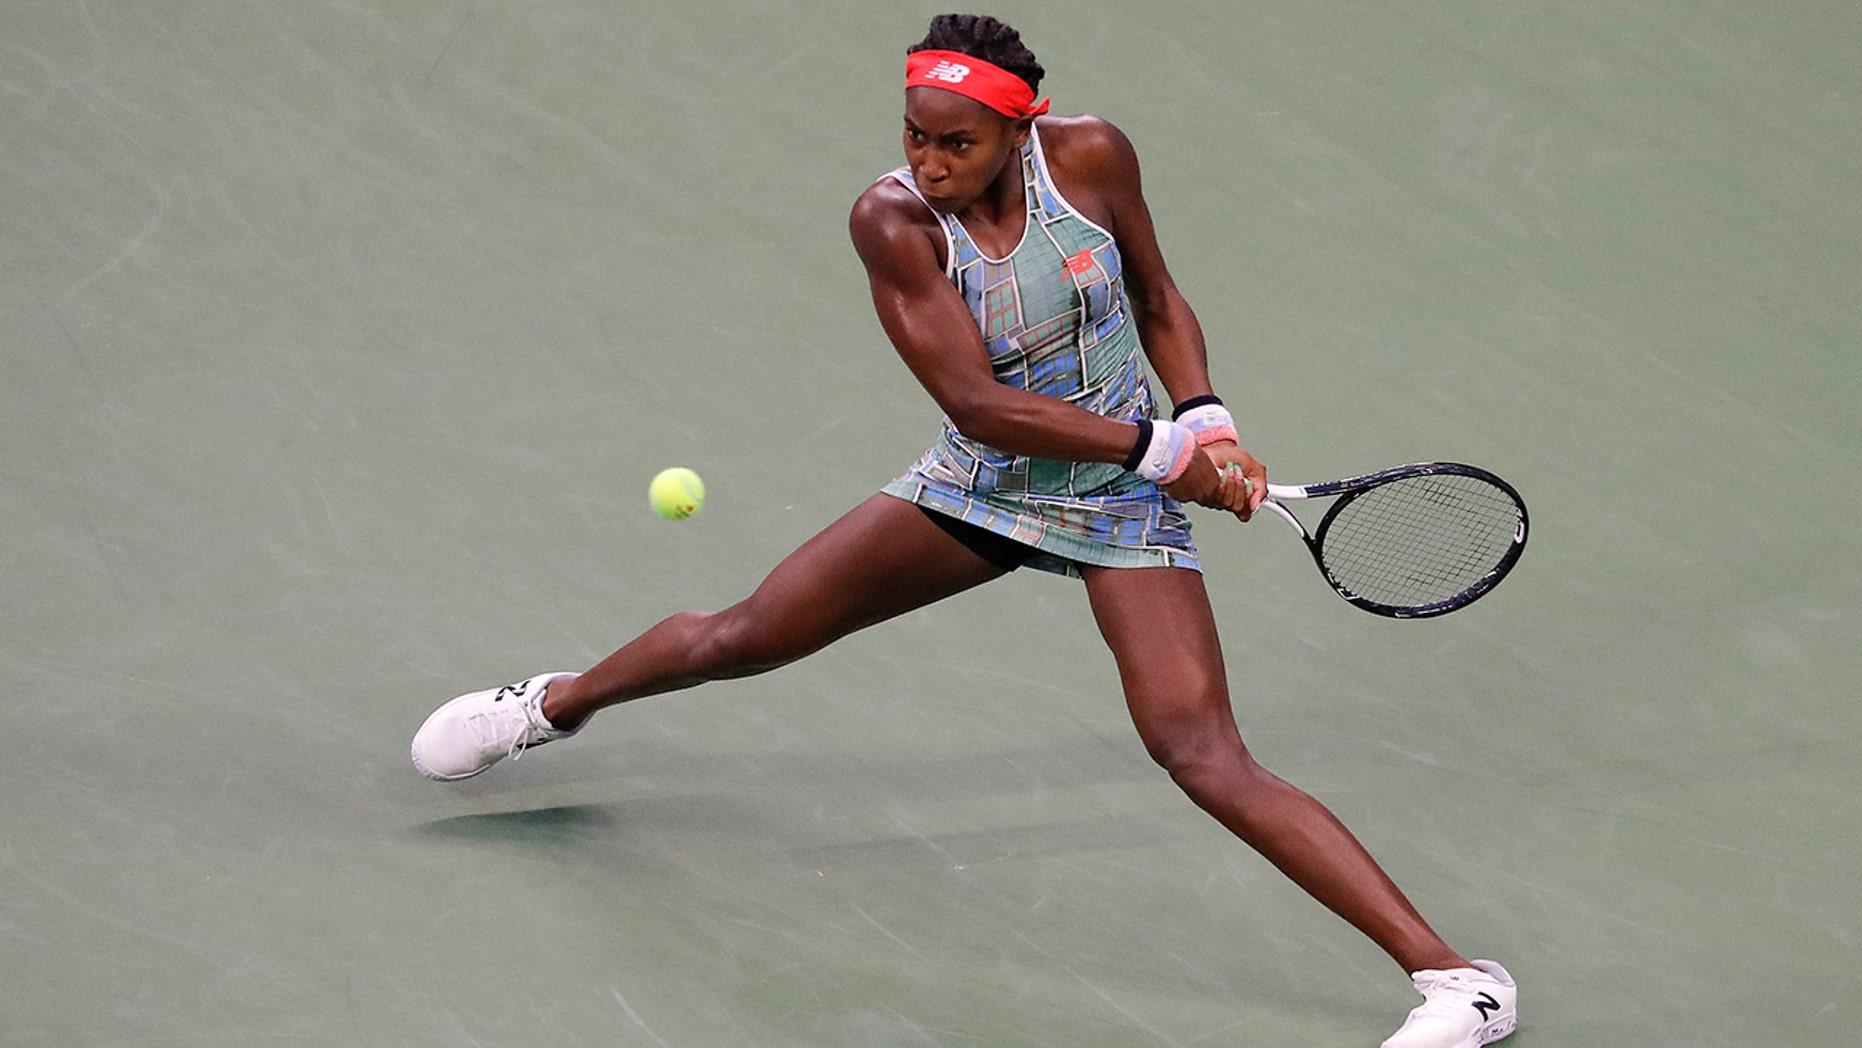 US Open 2019: Gauff win over Osaka bad for tennis - McEnroe